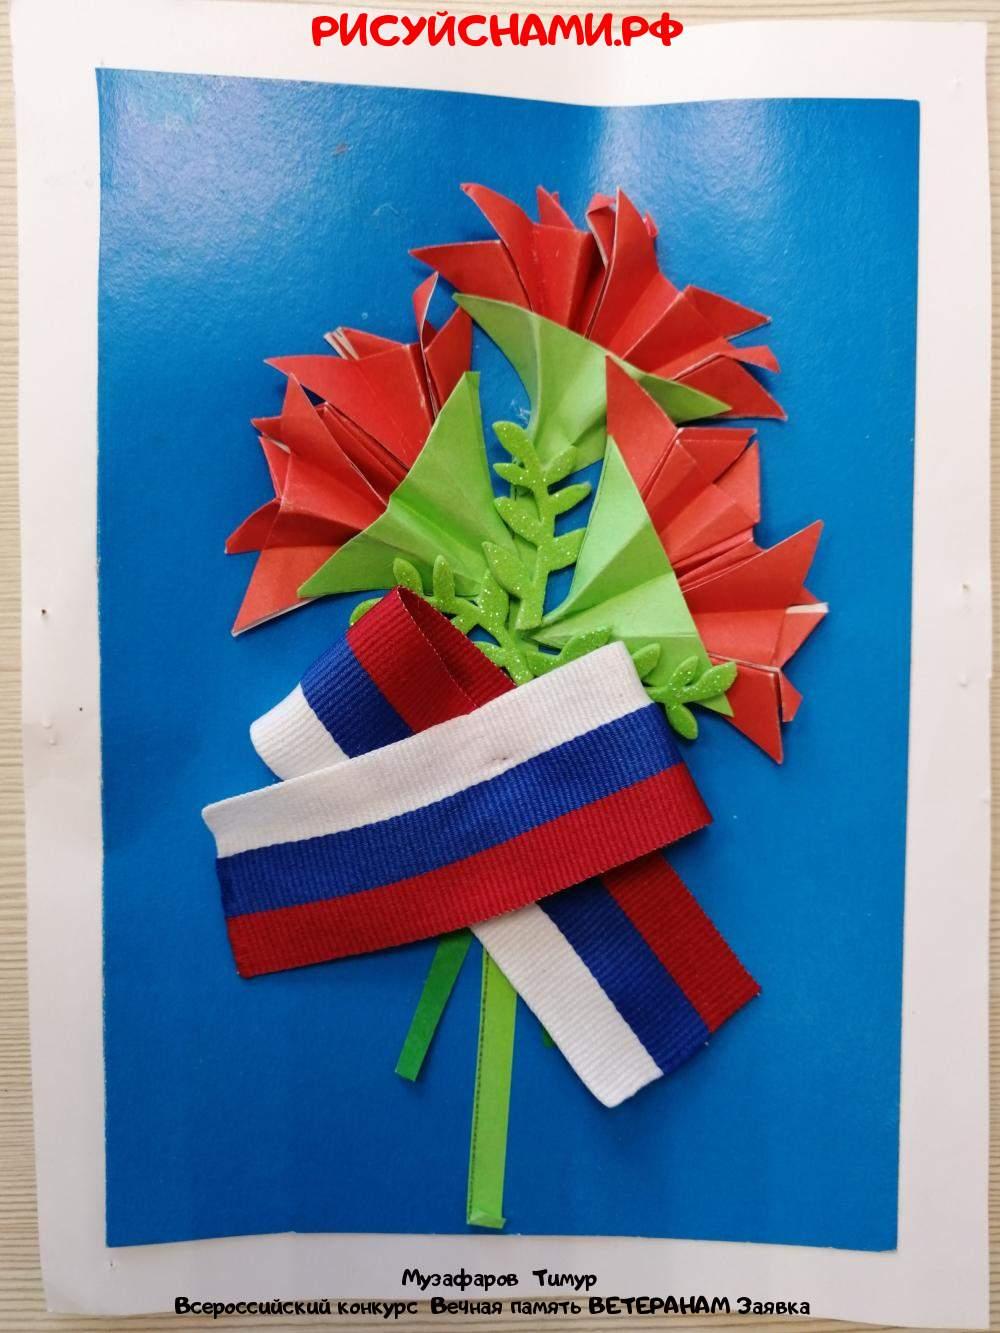 Всероссийский конкурс  Вечная память ВЕТЕРАНАМ Заявка 13004  всероссийский творческий конкурс рисунка для детей школьников и дошкольников (рисунок и поделка) - Музафаров  Тимур